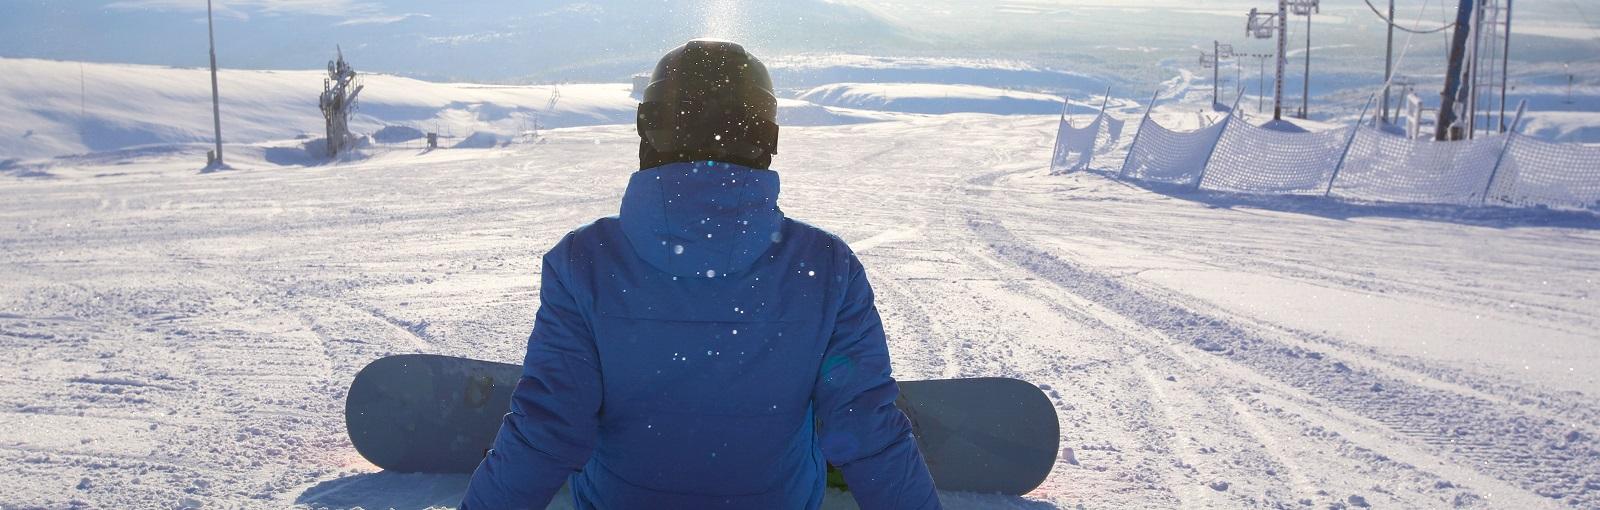 CM-000902_A_Blog_Matt_Vande_Vegte_Snowboarding_with_Basal-IQ_PROOF_20190315c